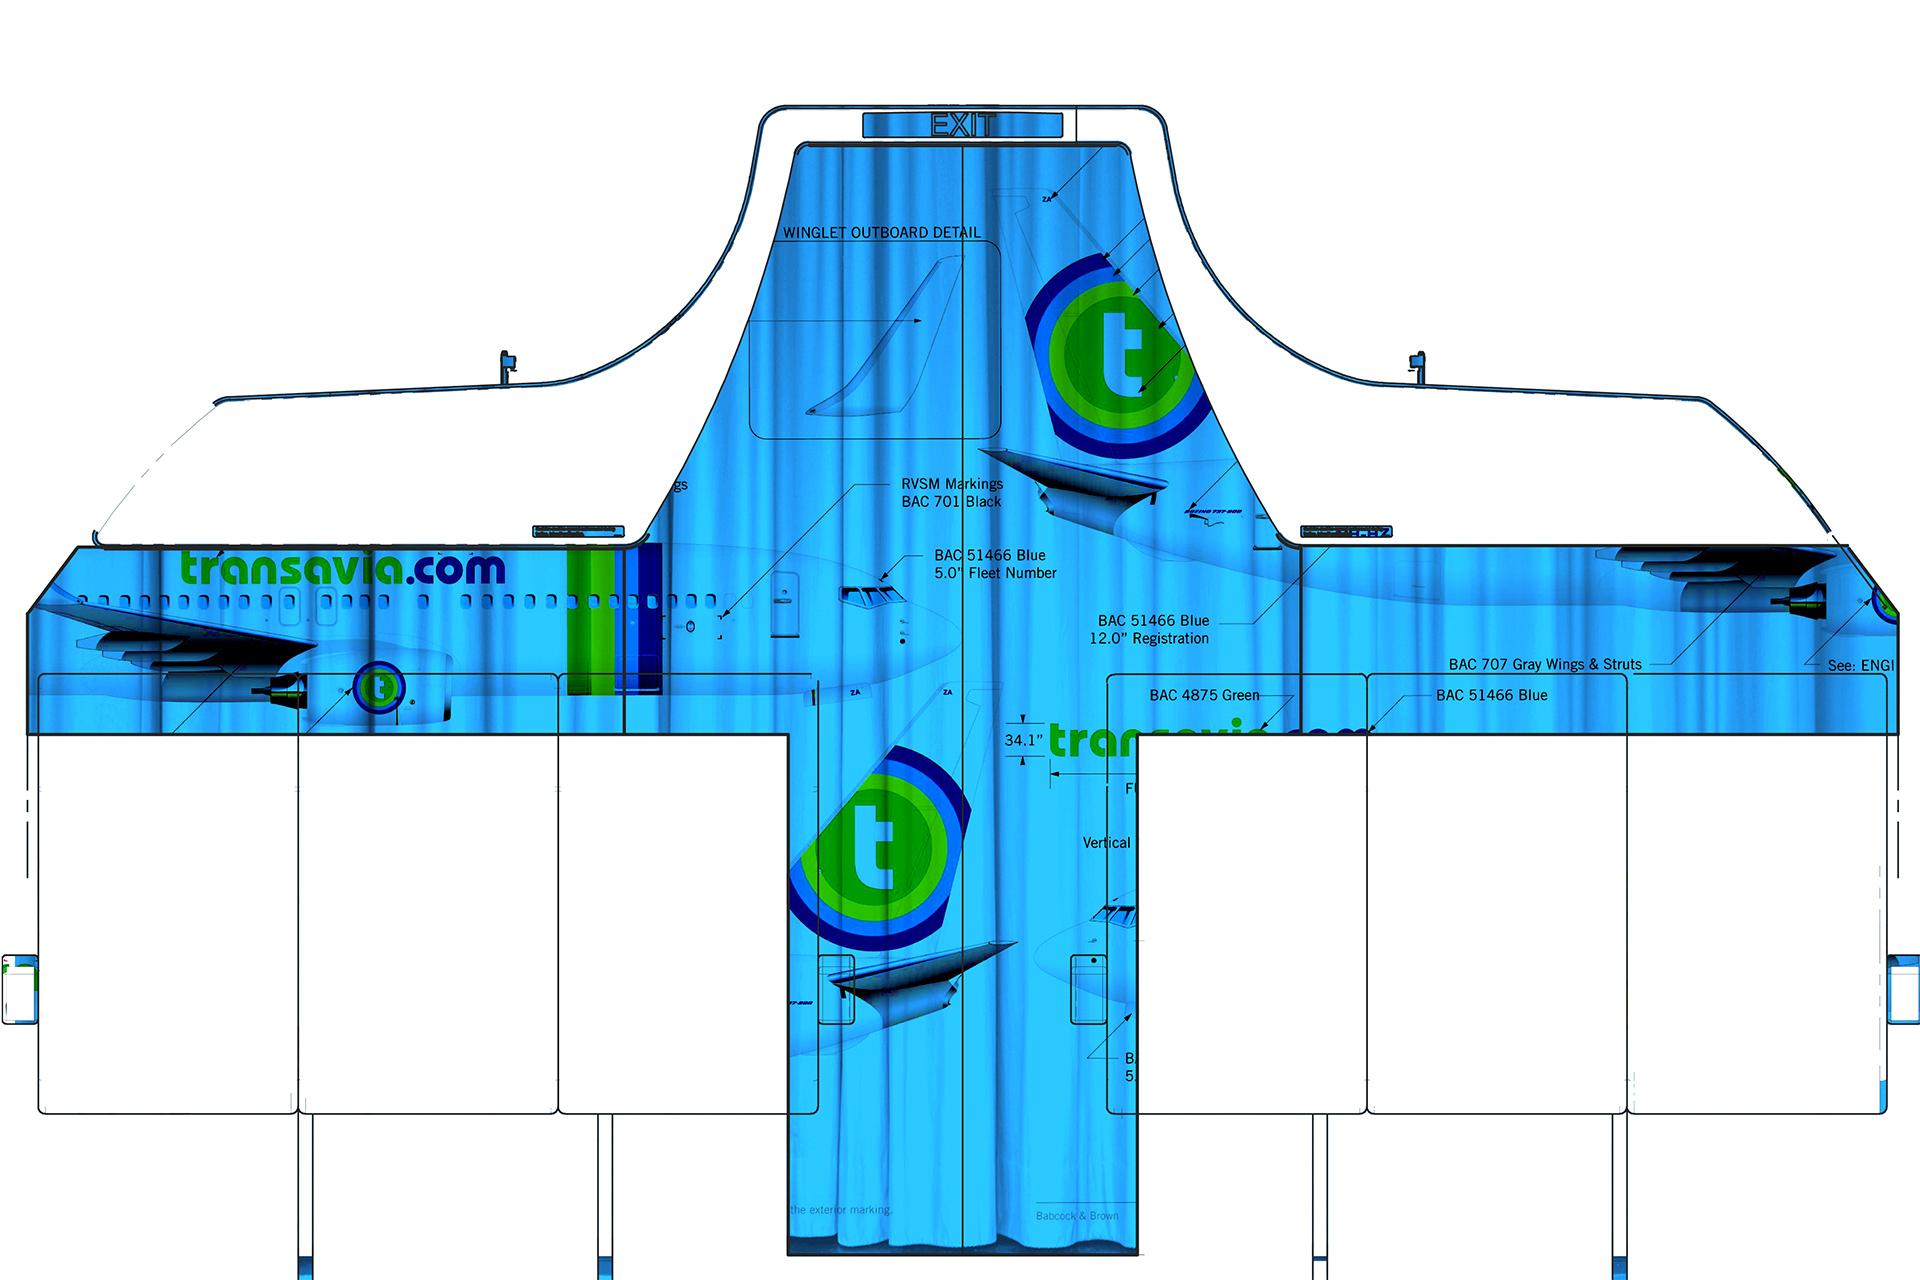 Projet Transavia rideaux séparation de classe